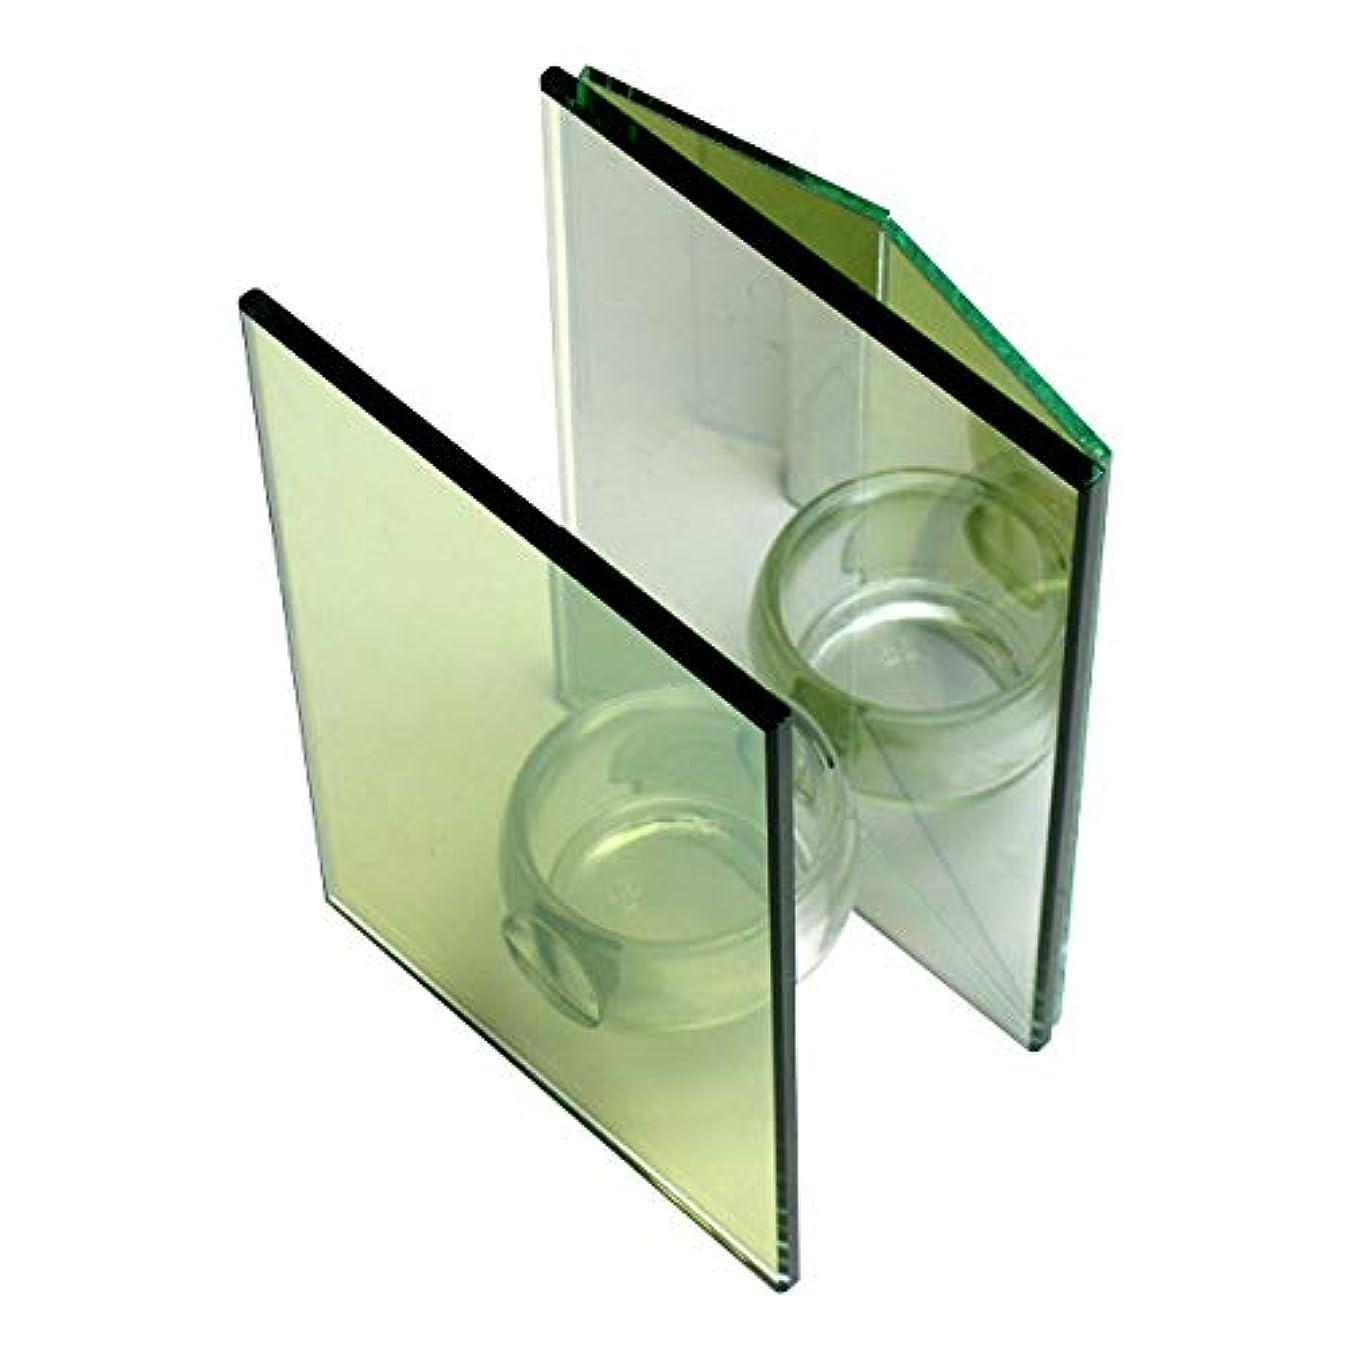 終了する退屈な作成者無限連鎖キャンドルホルダー ダブルミラー ガラス キャンドルスタンド ランタン 誕生日 ティーライトキャンドル